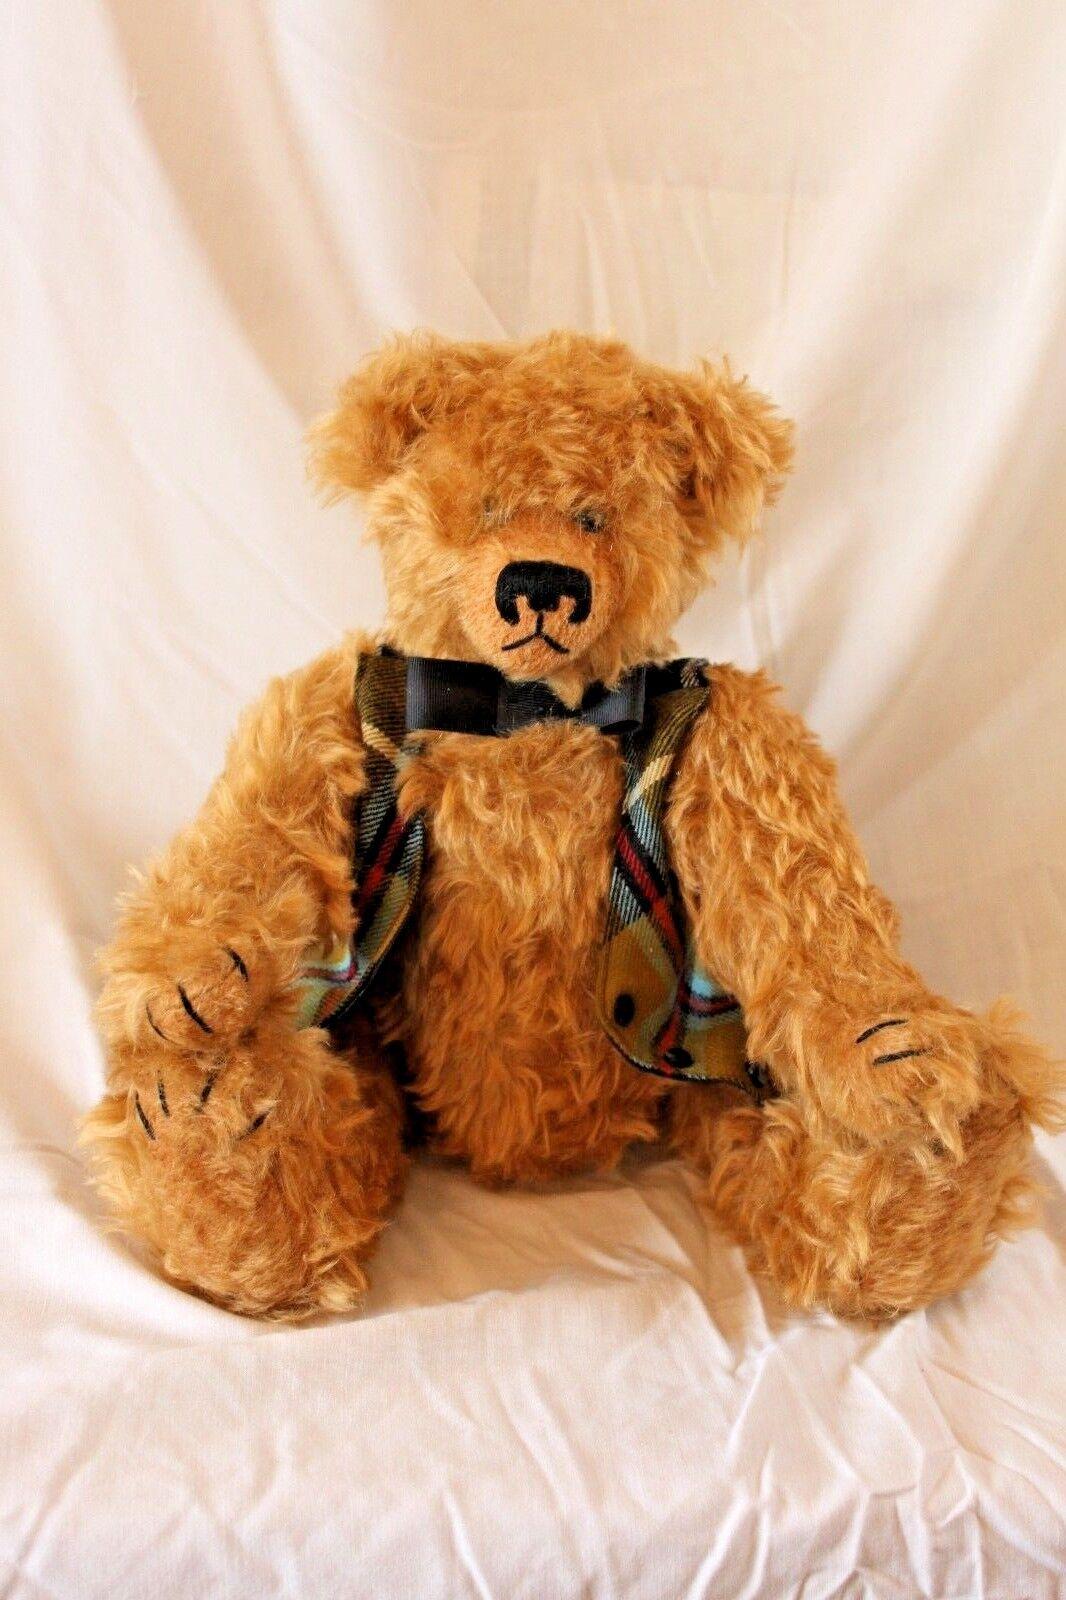 Celtic ARTISTA TEDDY BEAR  - trelawney  DA COLLEZIONE LIMITED EDITION 1 solo mai realizzato